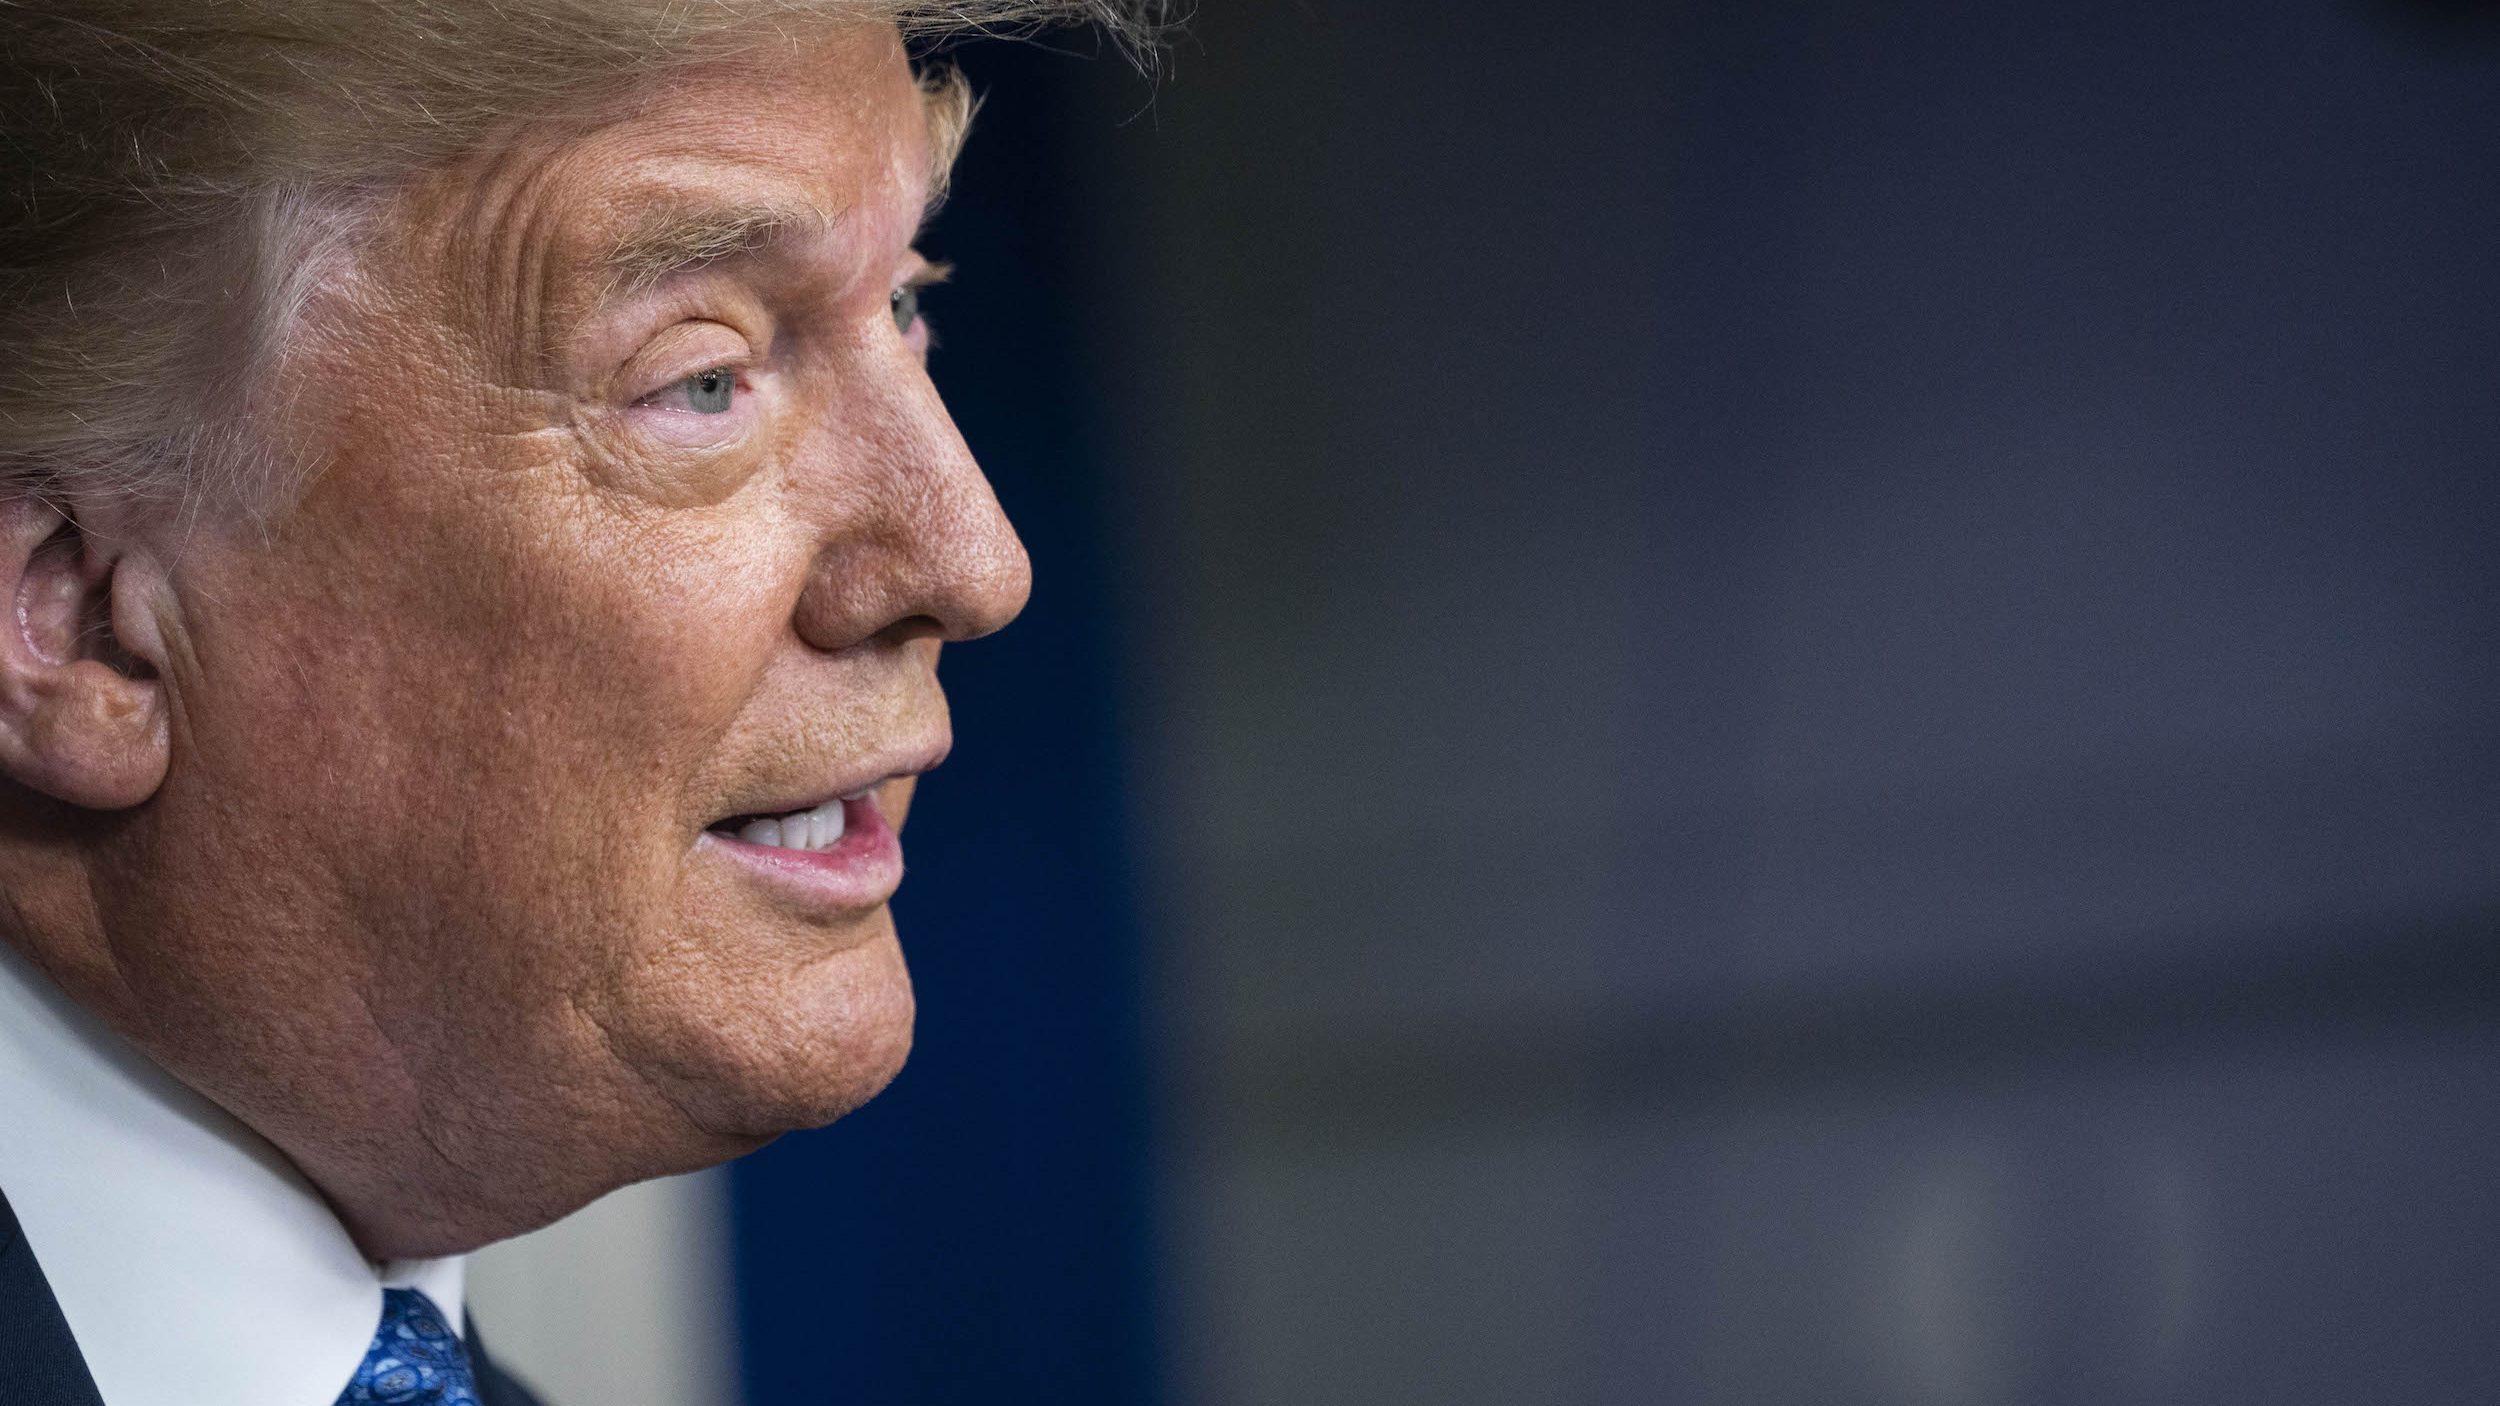 """ド派手なリーダーの""""裏""""の顔─トランプは「大統領としての給料」を全額寄付していた!   クーリエ・ジャポン"""